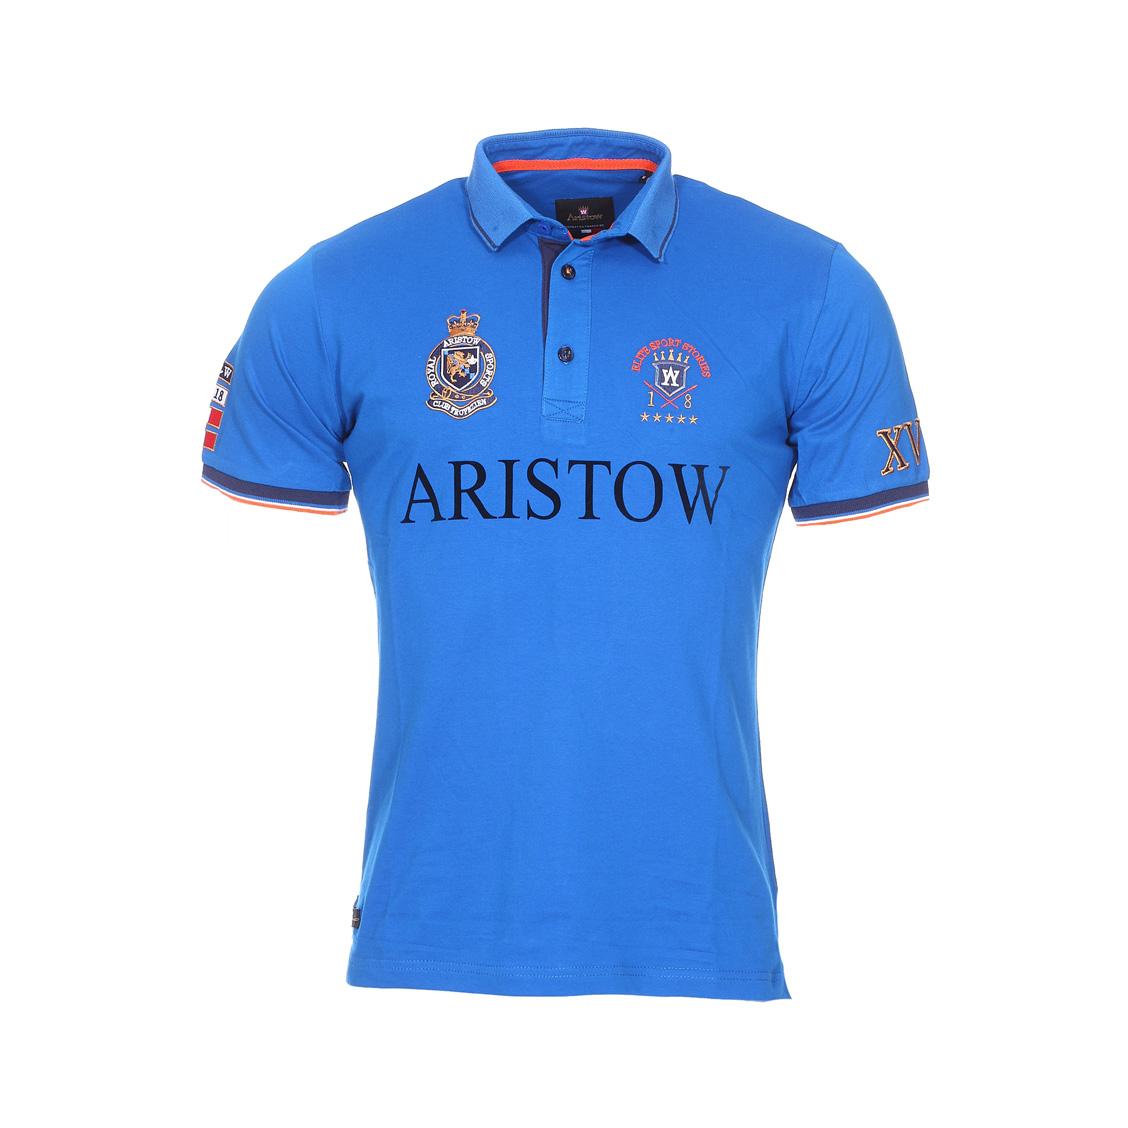 Polo Aristow Héritage en piqué de coton stretch bleu roi